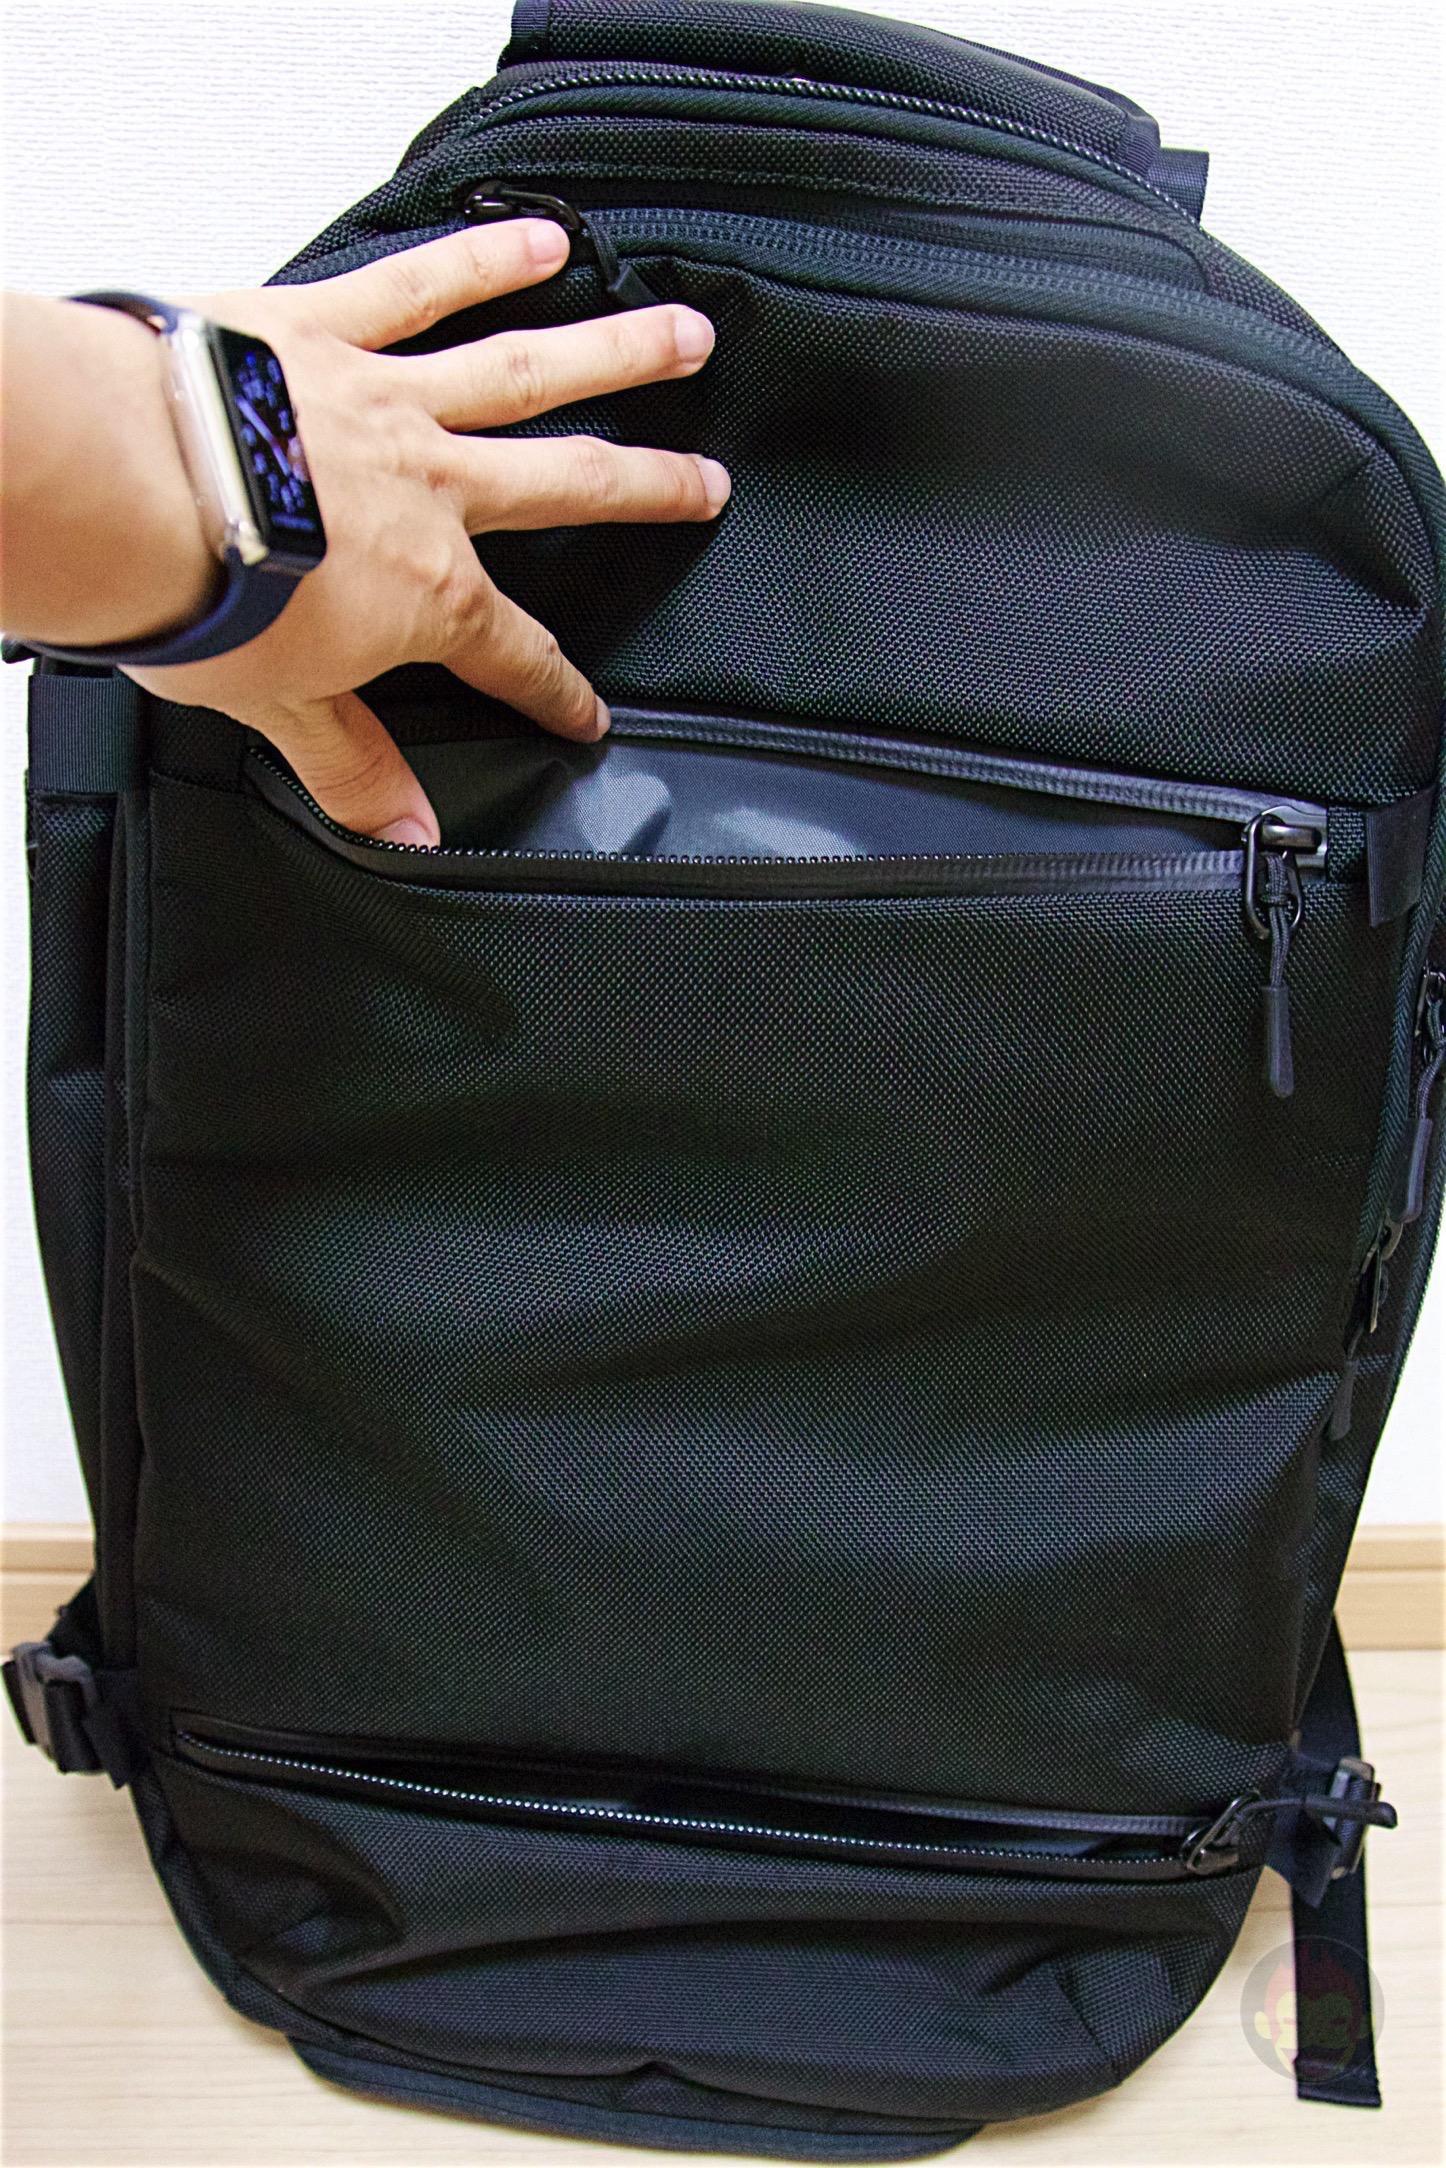 Aer-Travel-BackPack-on-Kickstarter-17.jpg